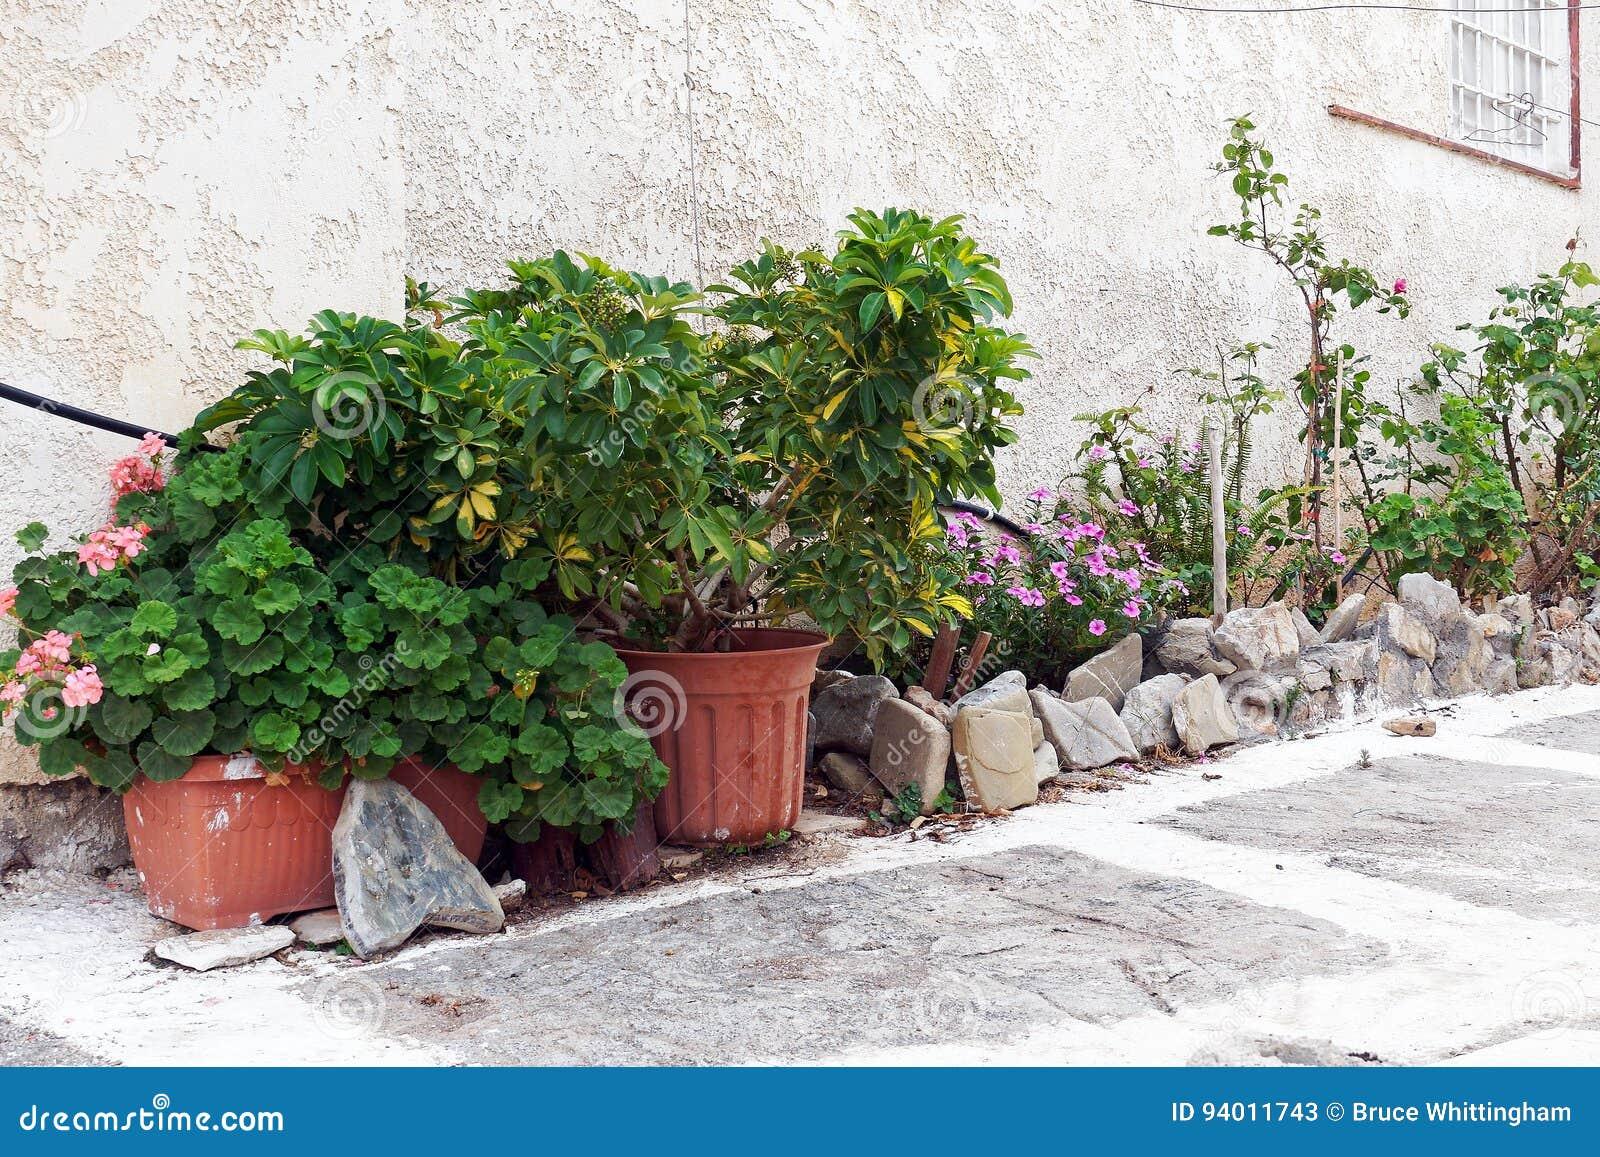 Vasi Da Giardino Colorati vasi da fiori e giardino fuori della camera immagine stock